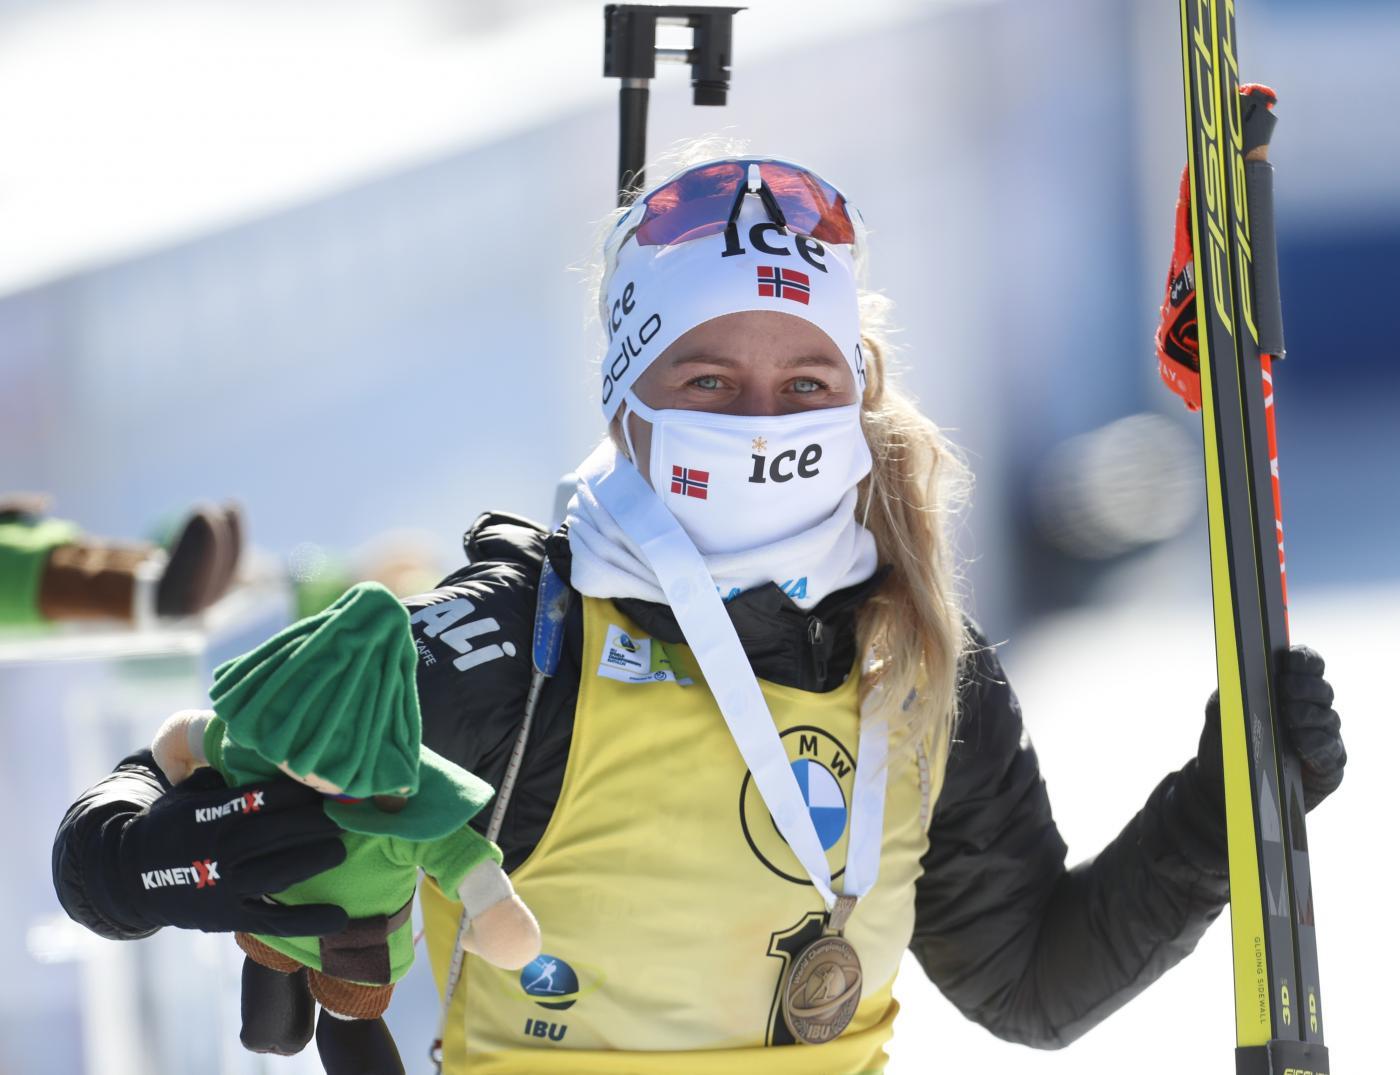 Biathlon, Eckhoff si conferma imbattibile nell'inseguimento di Nove Mesto. Incubo azzurro